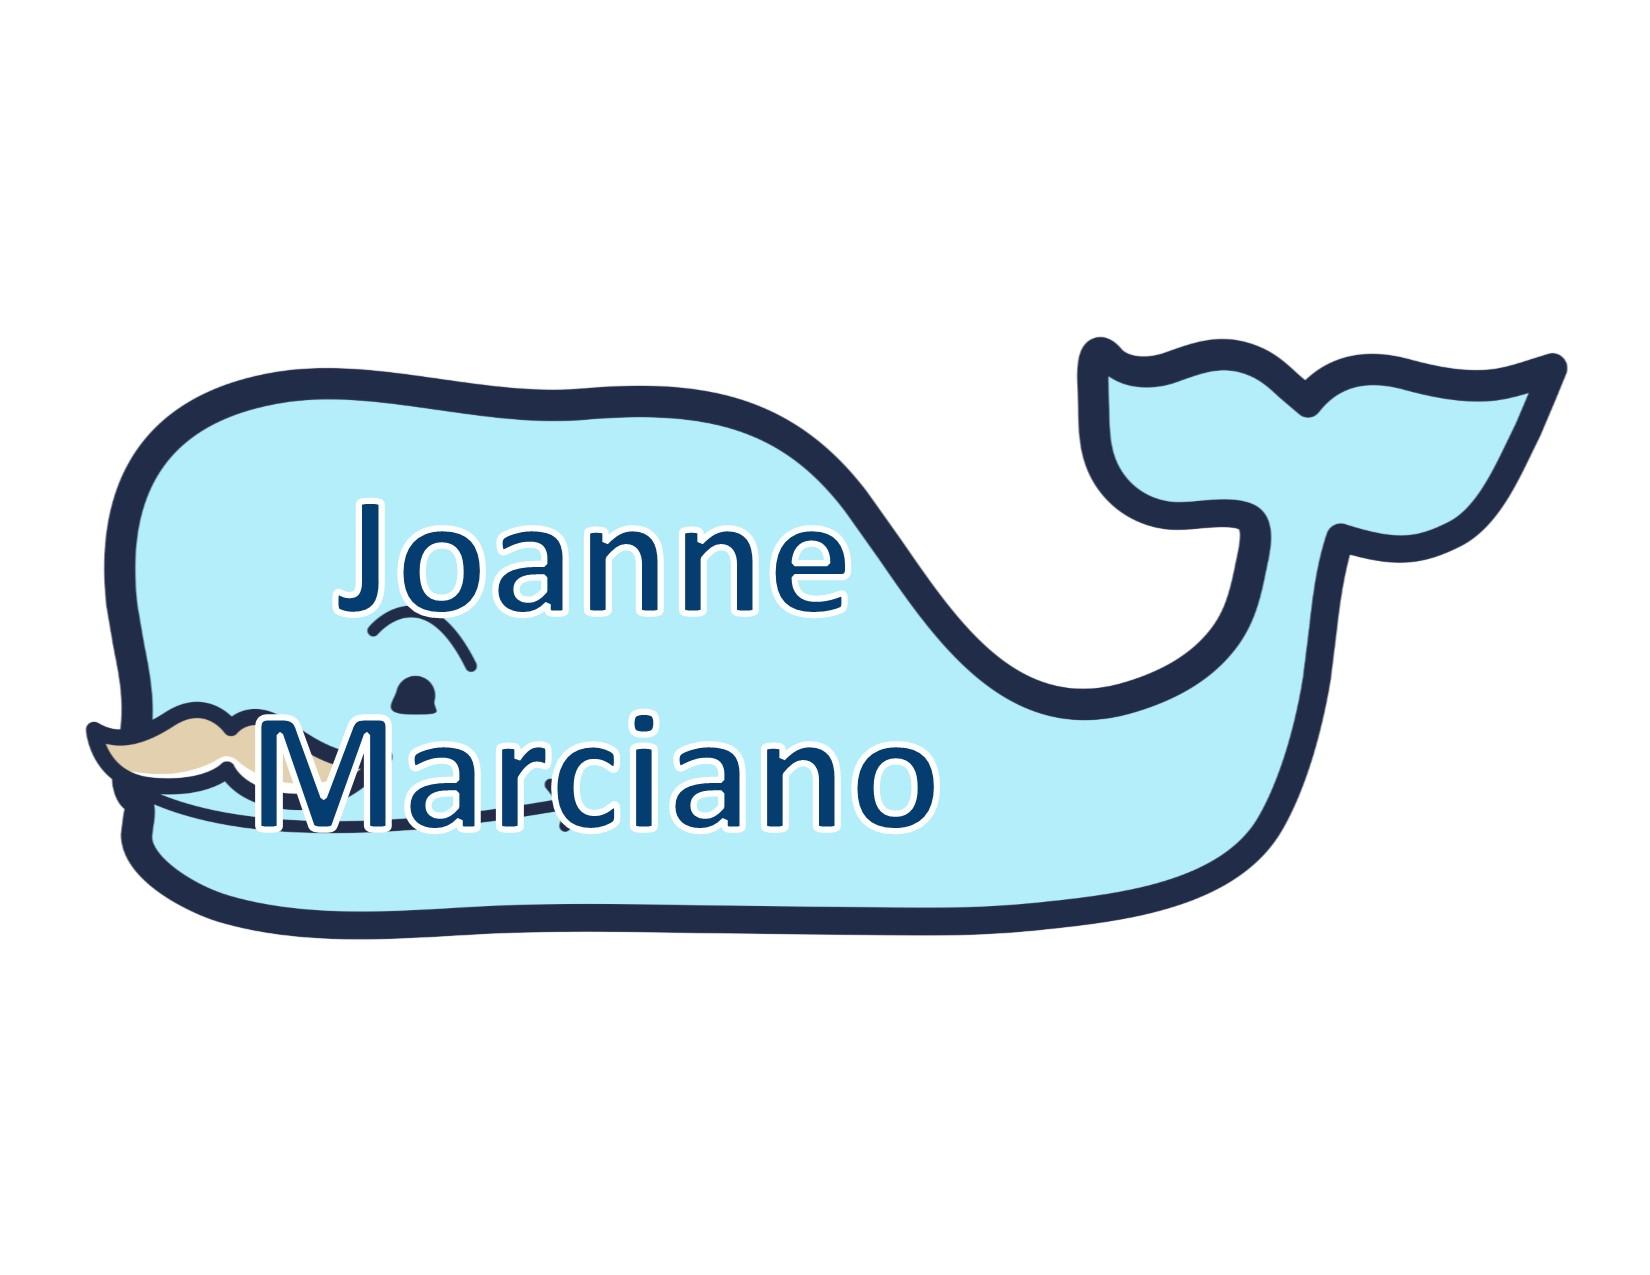 Marciano, Joanne.jpg